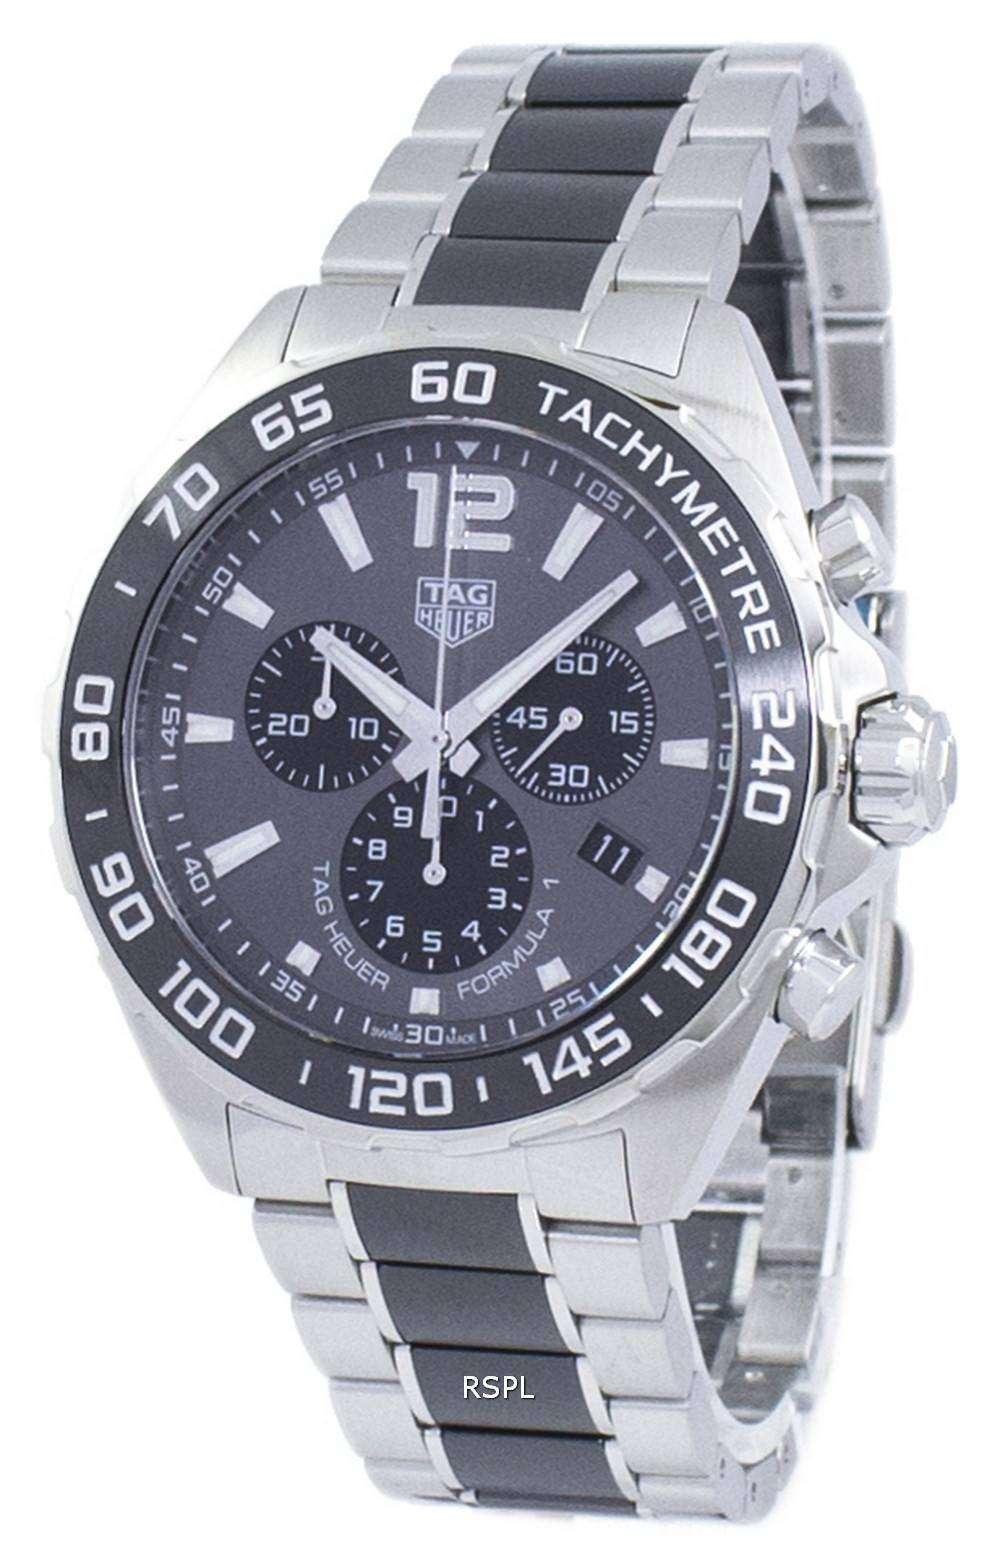 タグ ・ ホイヤー カレラ フォーミュラ 1 クロノグラフ クォーツ CAZ1011。BA0843 メンズ腕時計